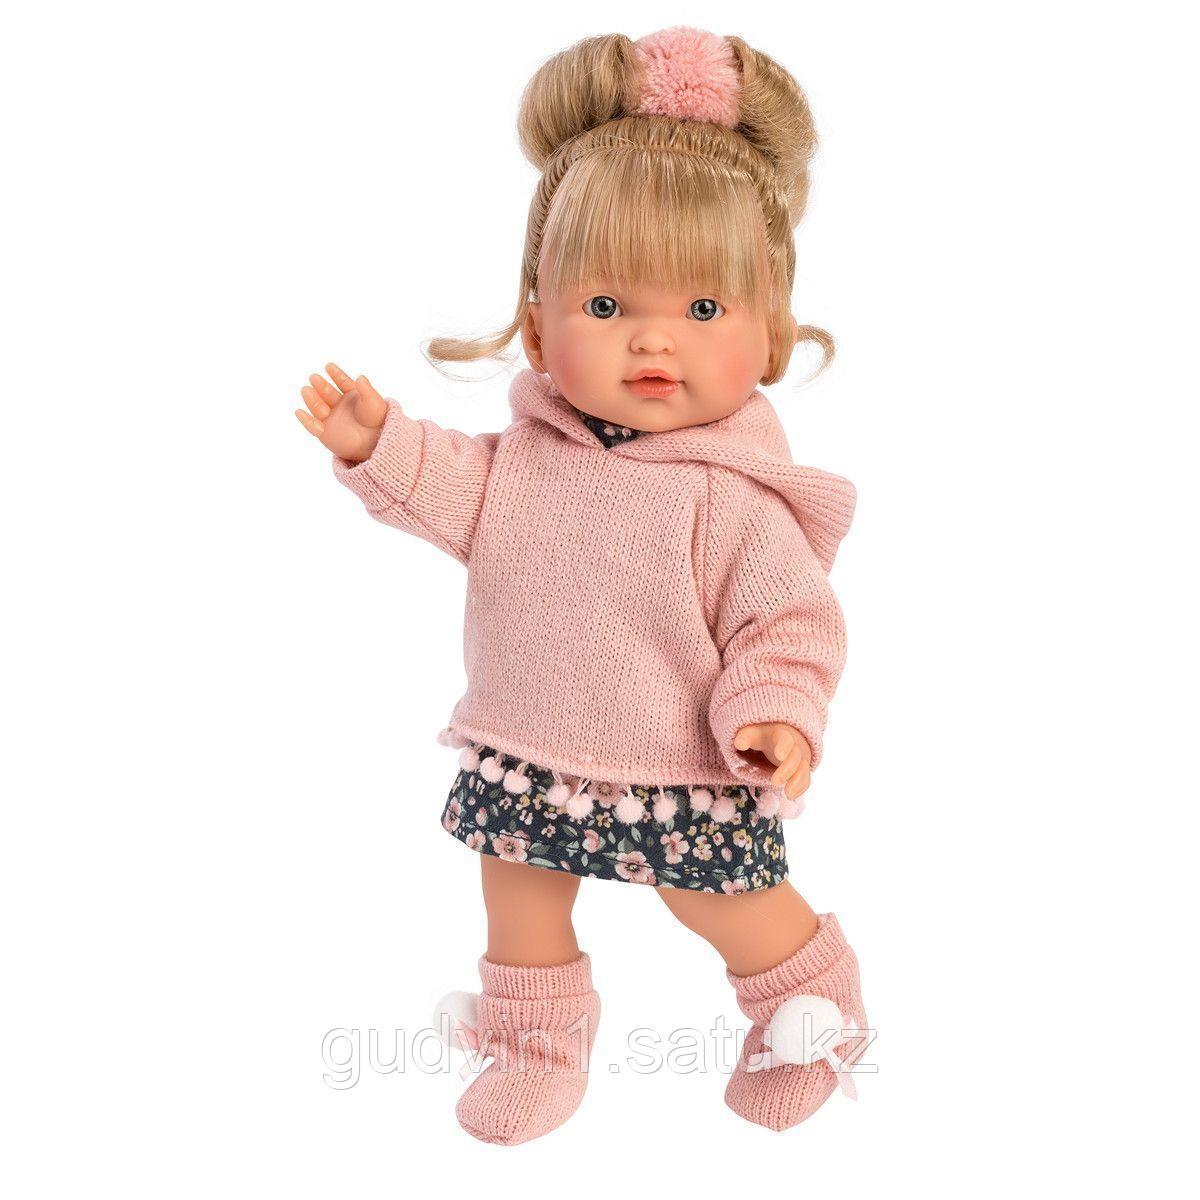 LLORENS: Кукла Валерия 28см, блондинка в розовой толстовке 1102607